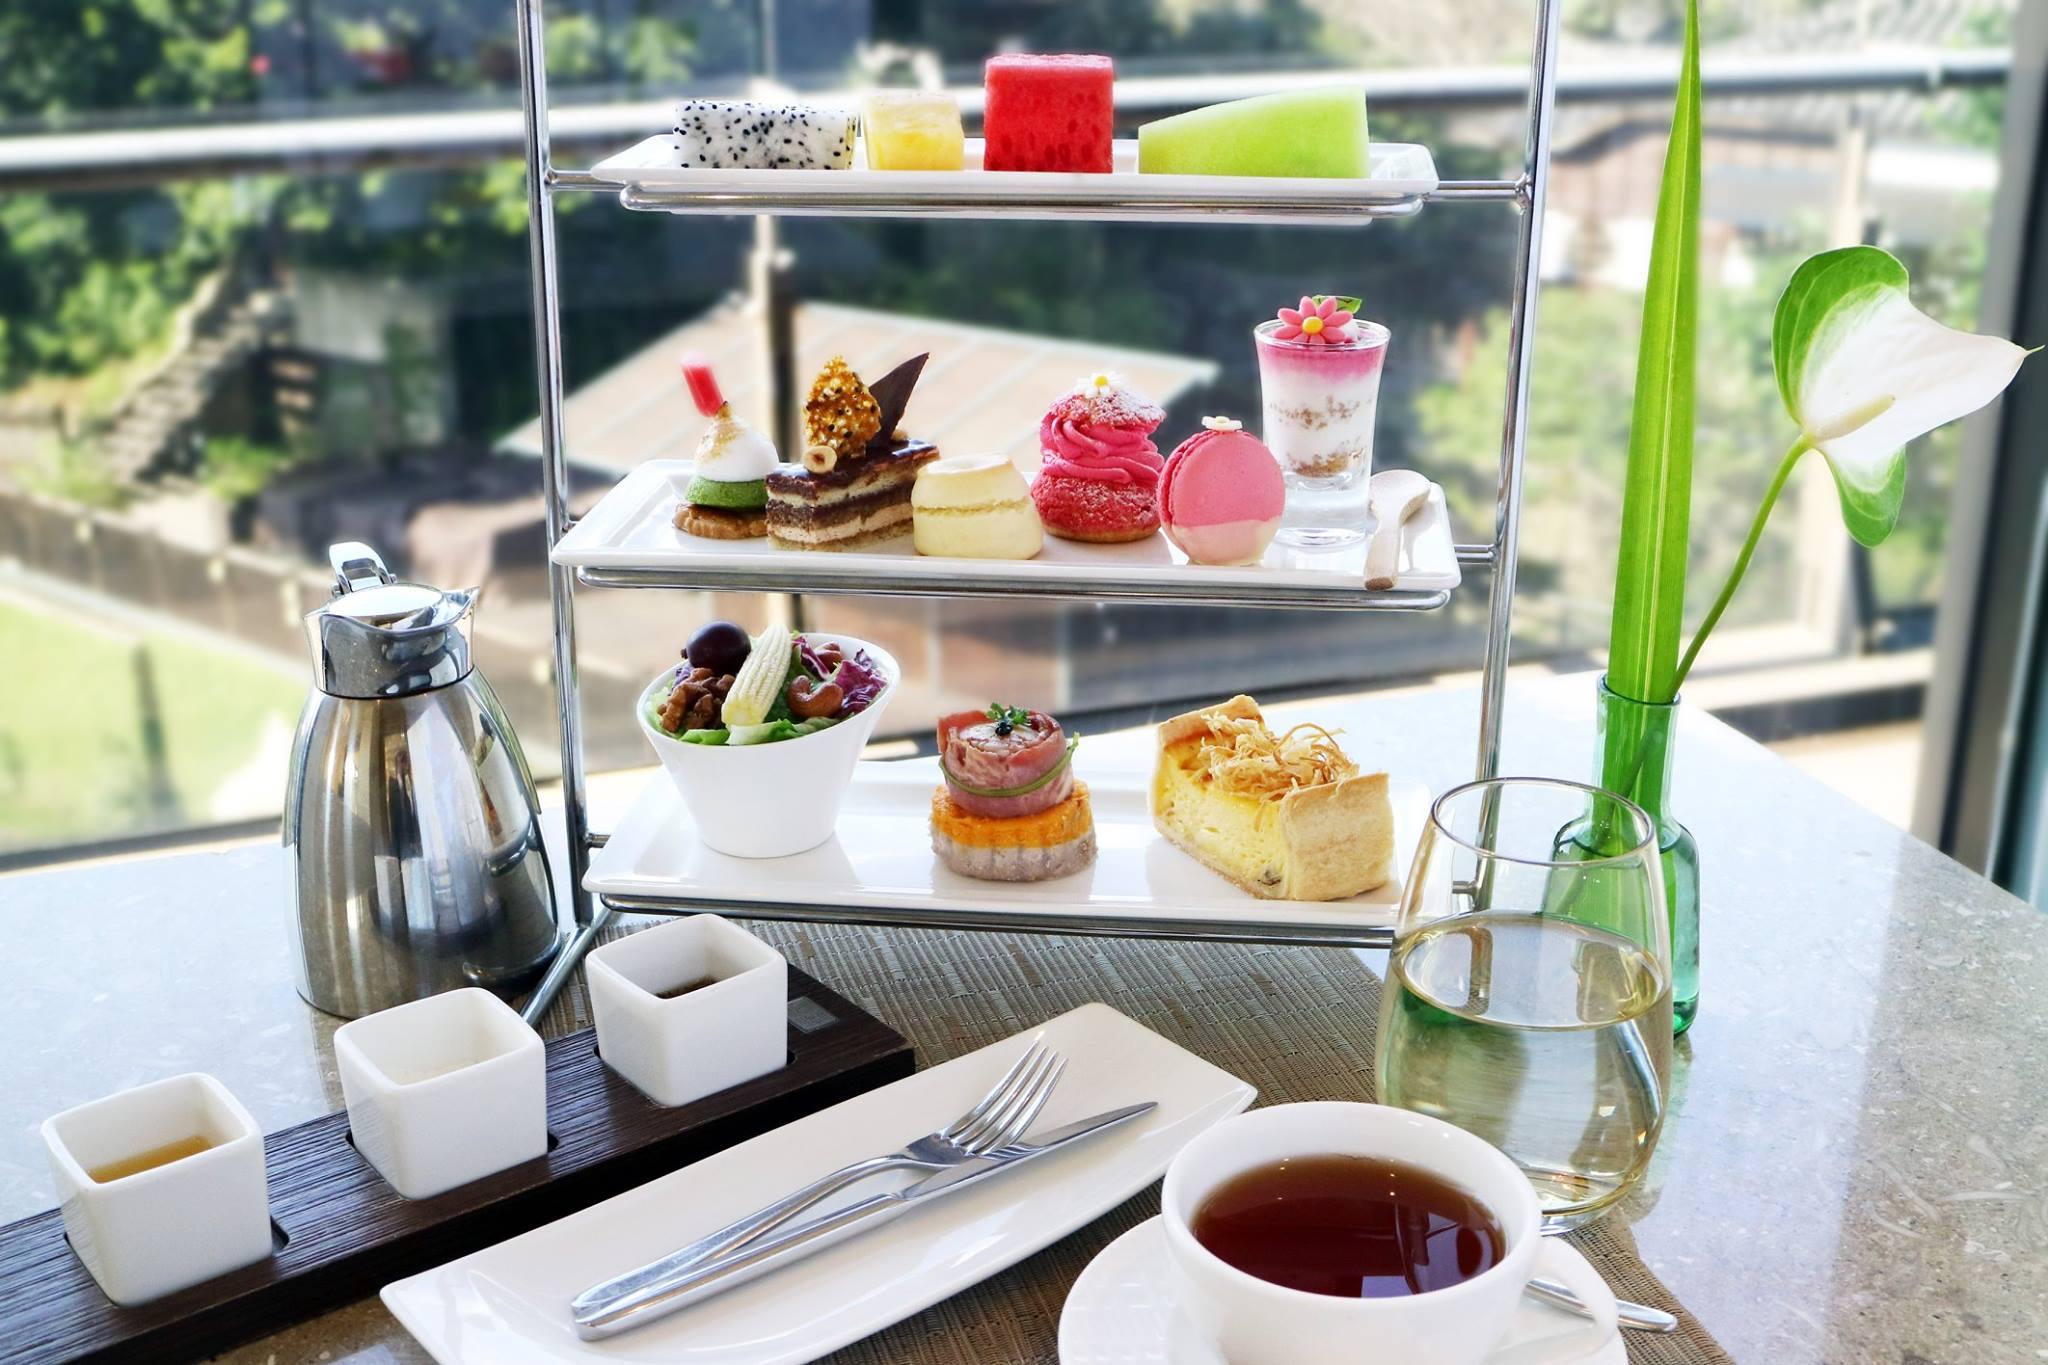 精緻的法式下午茶。(圖片來源/北投麗禧溫泉酒店FB粉絲團)